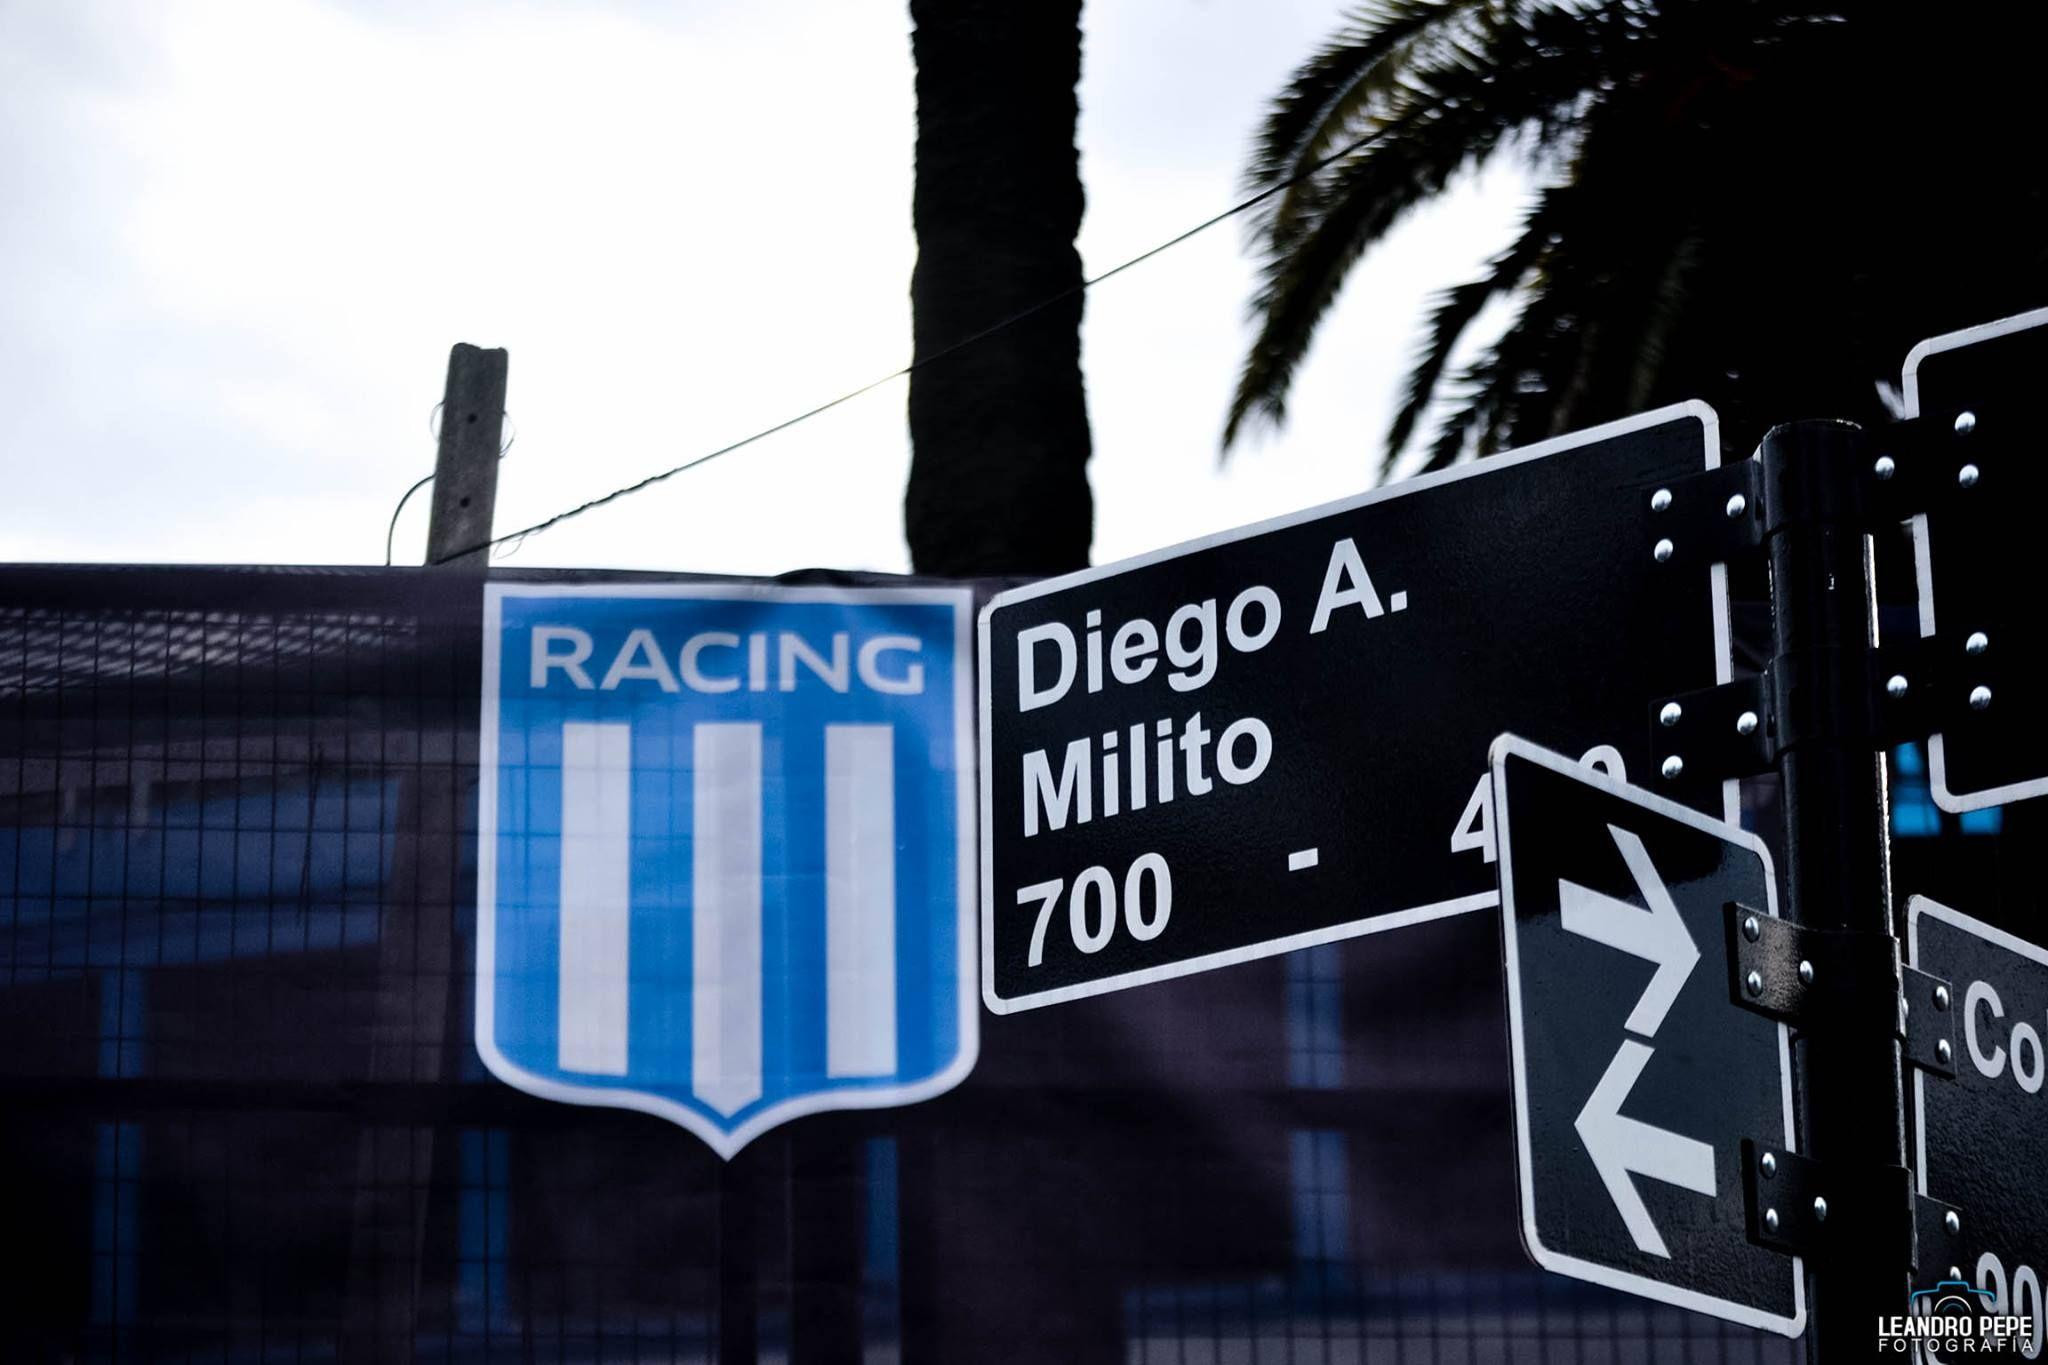 Calle Diego Milito